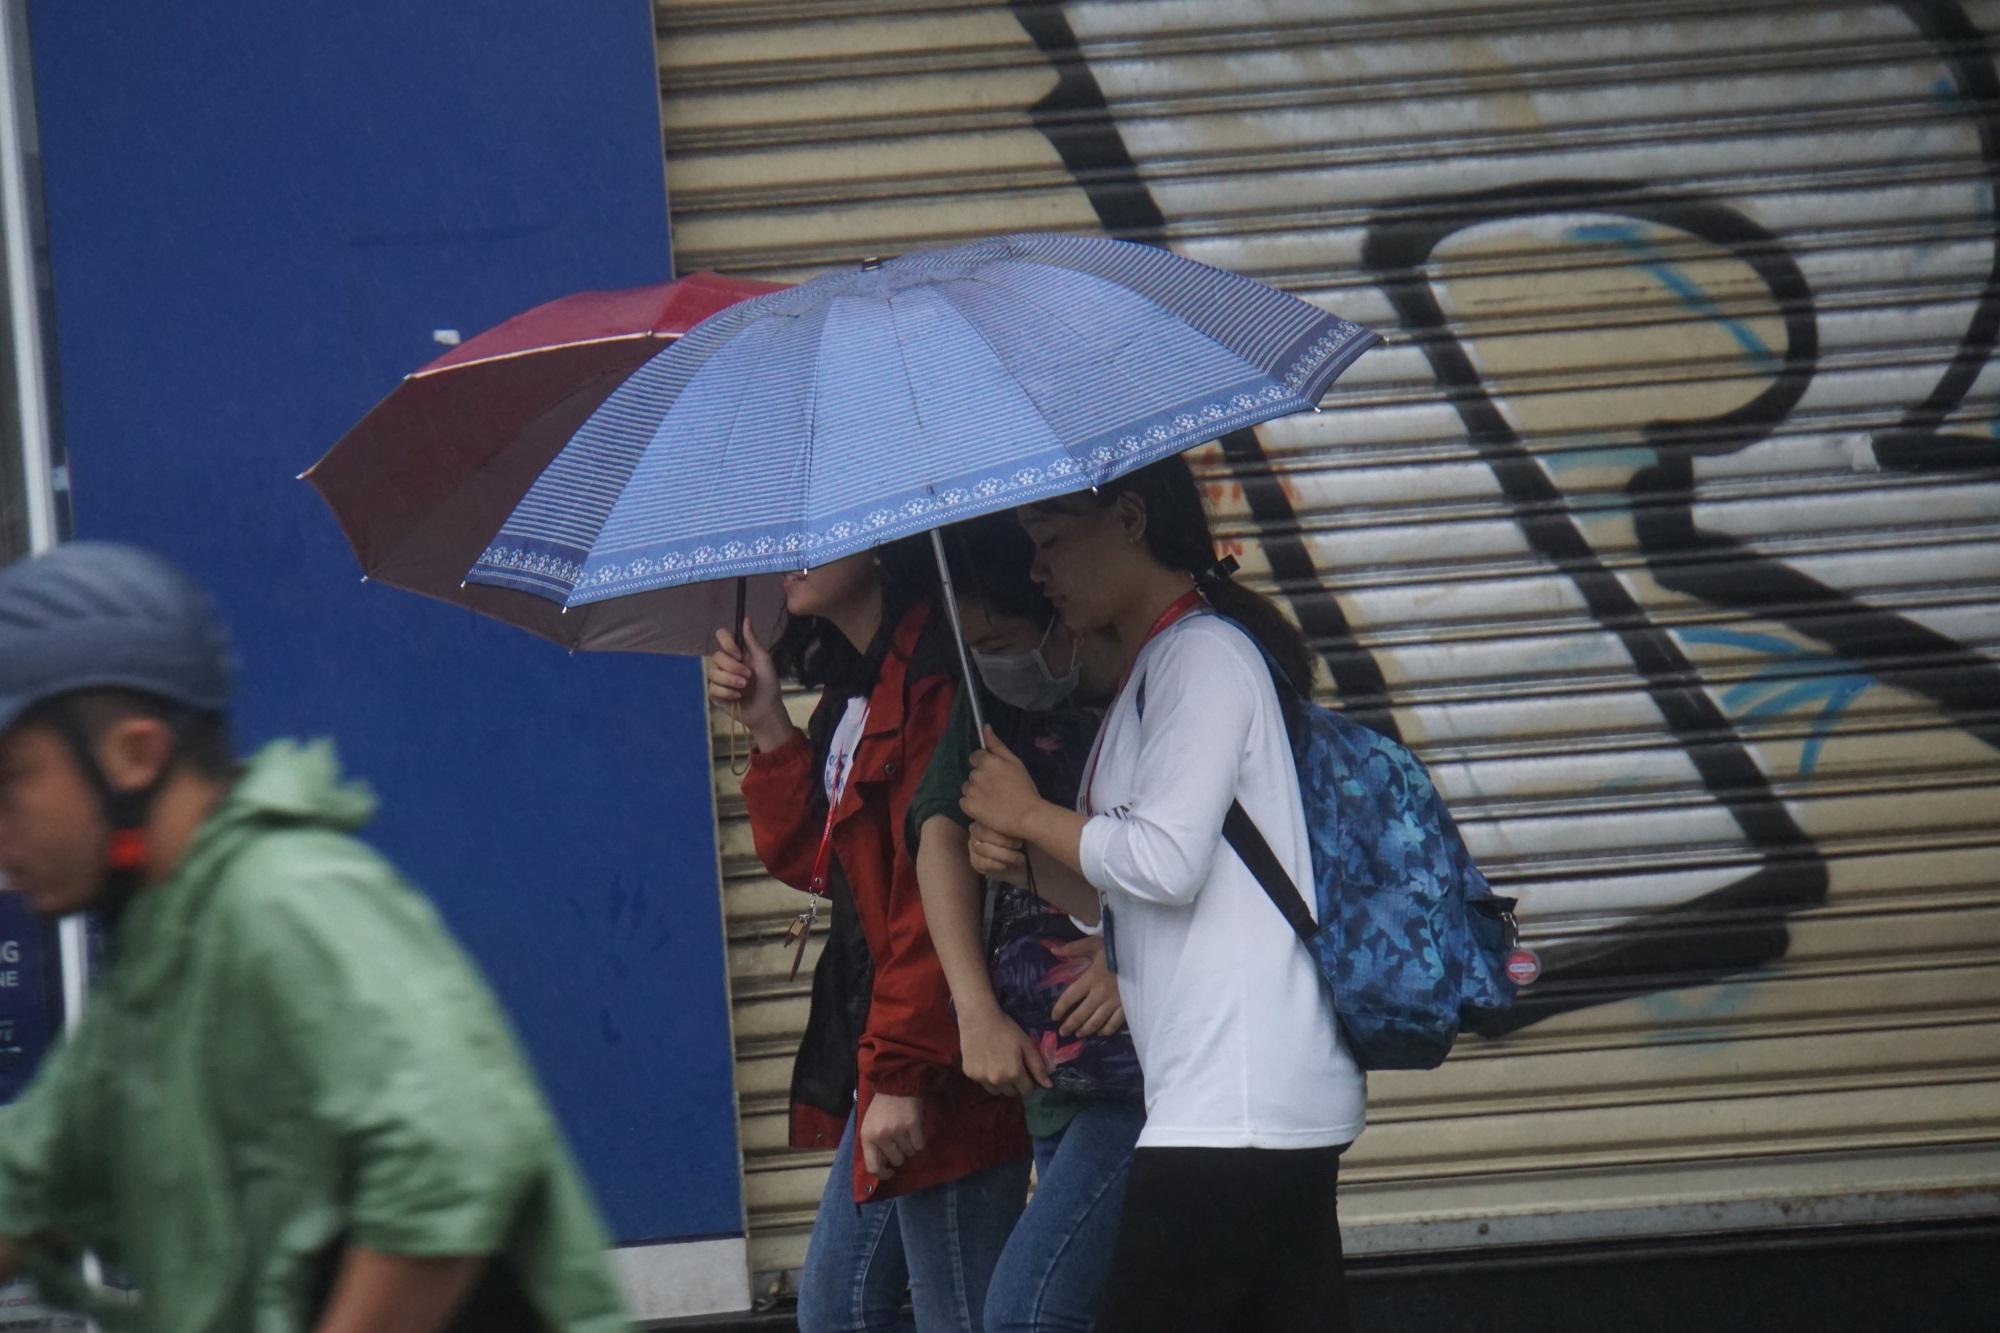 Bão Usagi đổ bộ, người Vũng Tàu tìm nơi trú tránh, dân Sài Gòn thảnh thơi - Ảnh 15